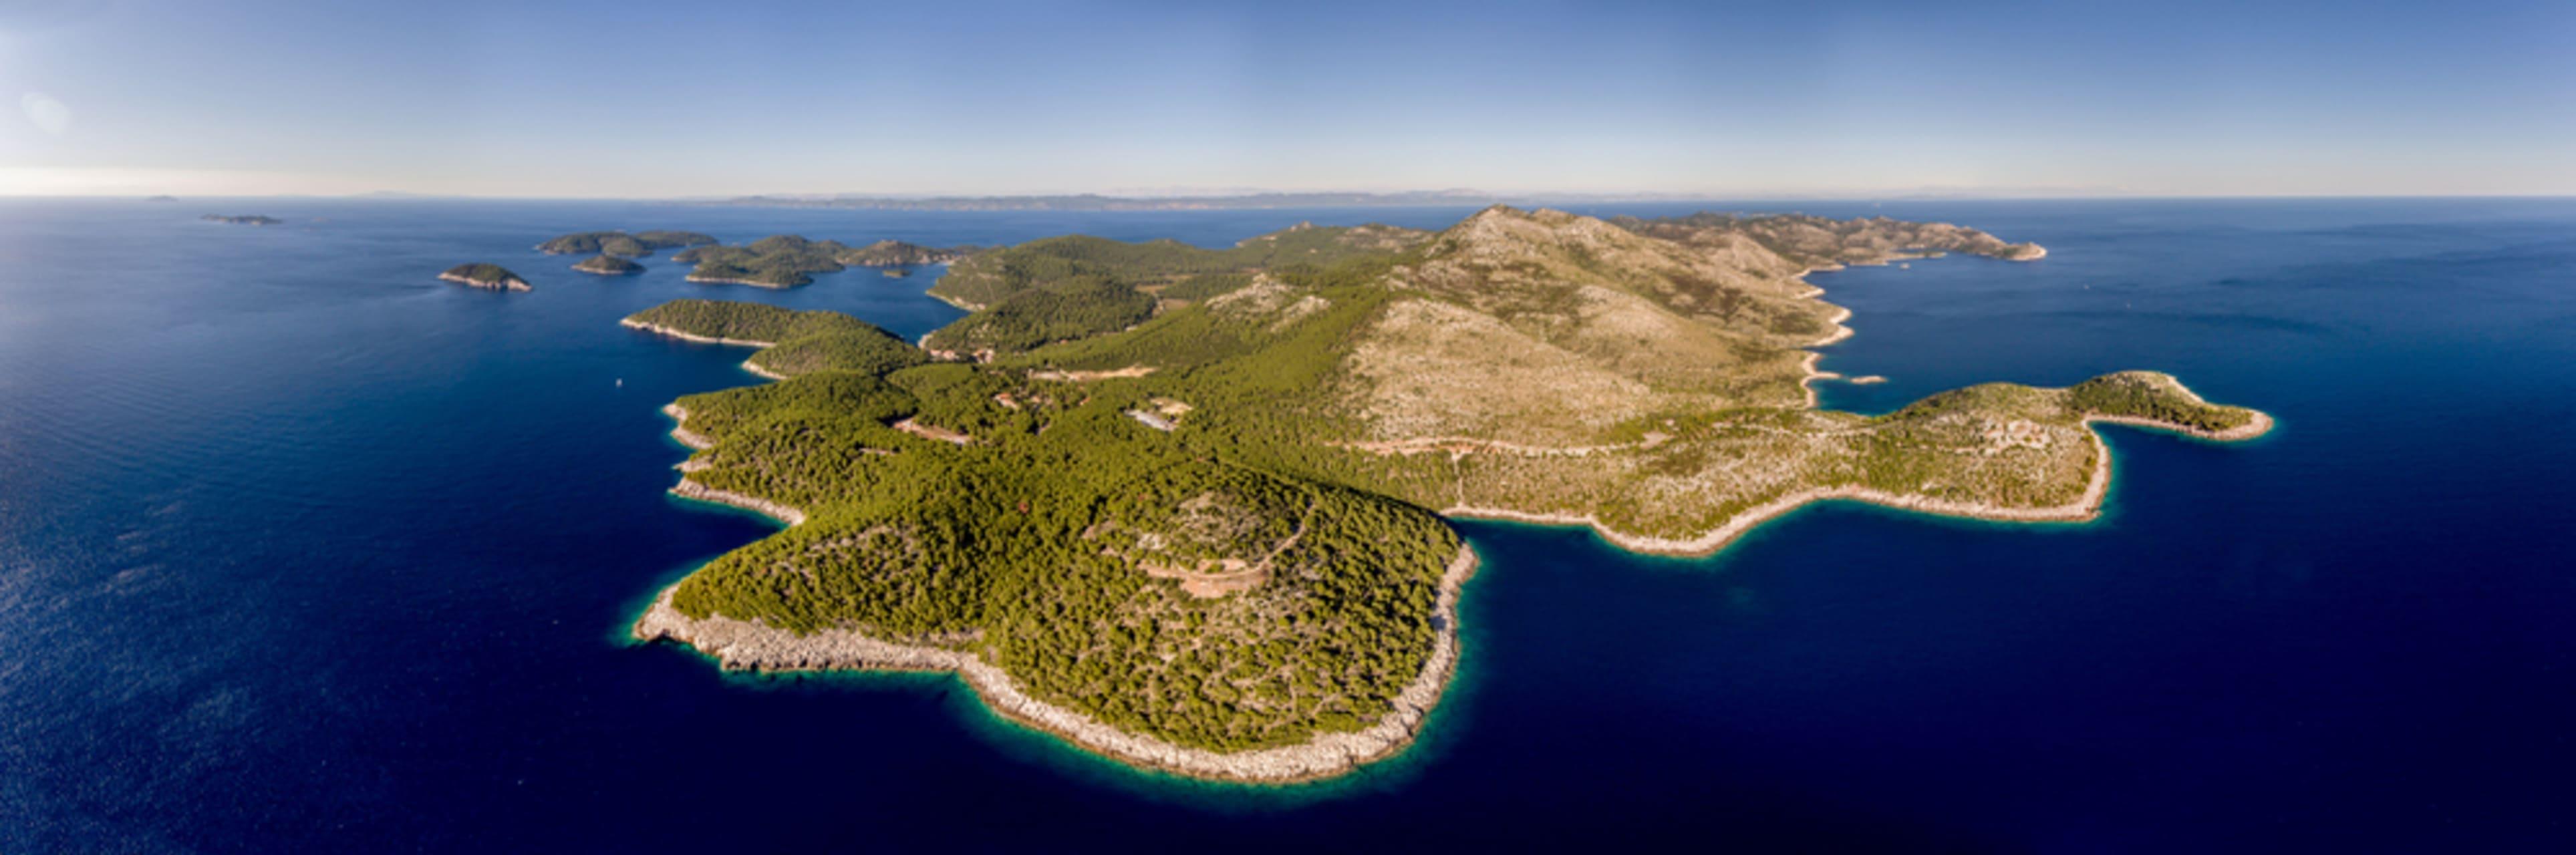 Lastovo Island cover image